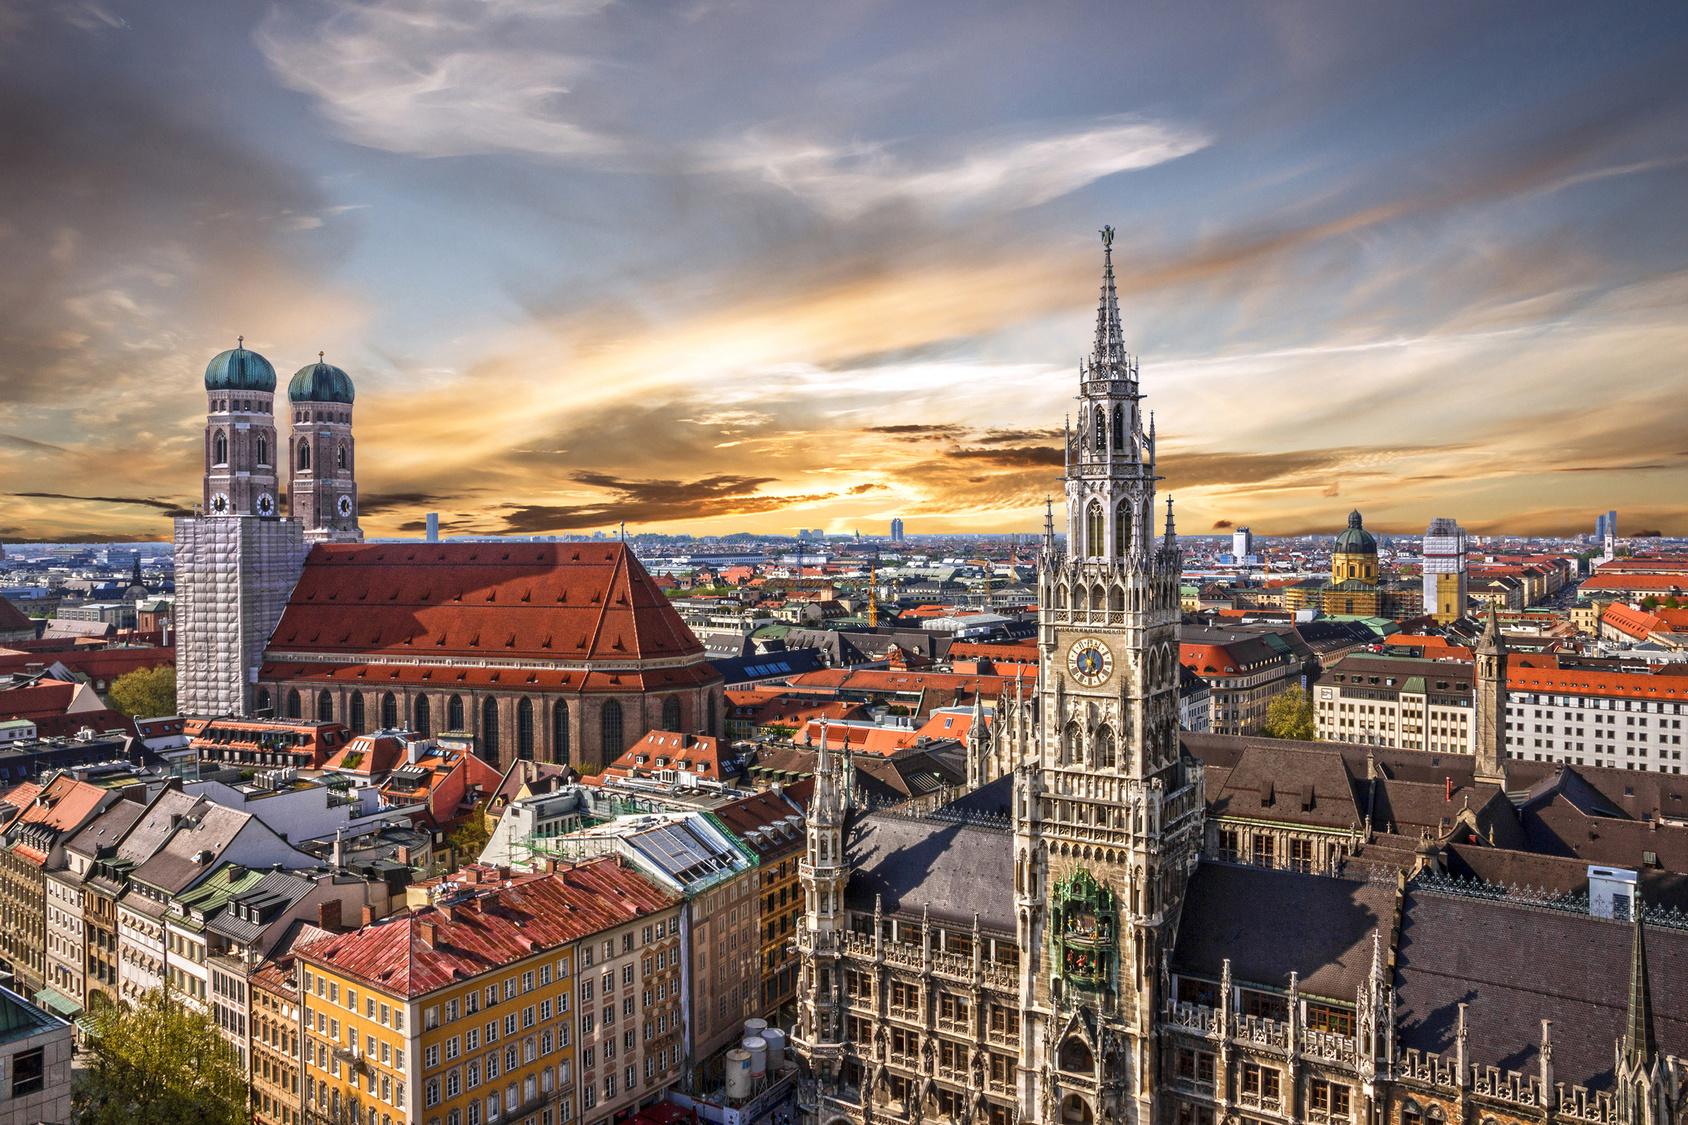 Luftaufnahme vom Marienplatz in der Münchner Innenstadt.